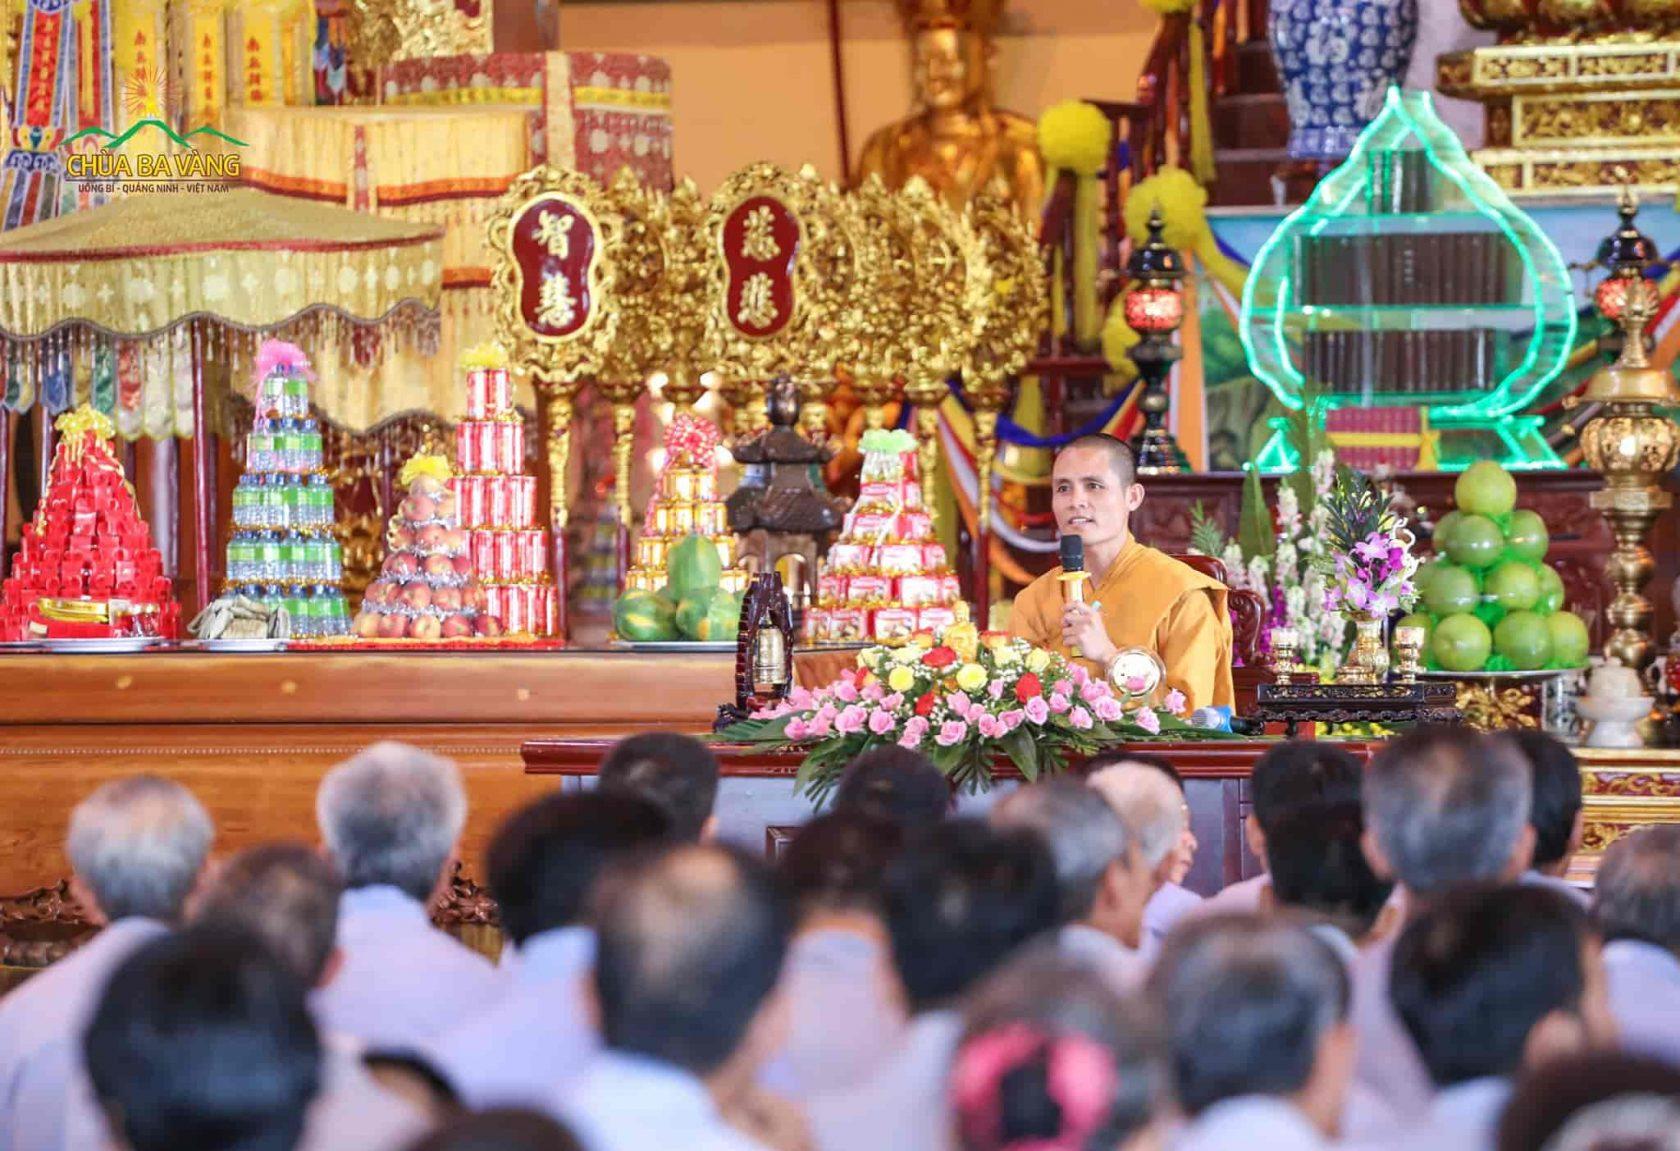 Đại đức Giới Sư Thích Trúc Bảo Năng quang lâm Chính điện để truyền trao Bát Quan Trai Giới và hướng dẫn các Phật tử